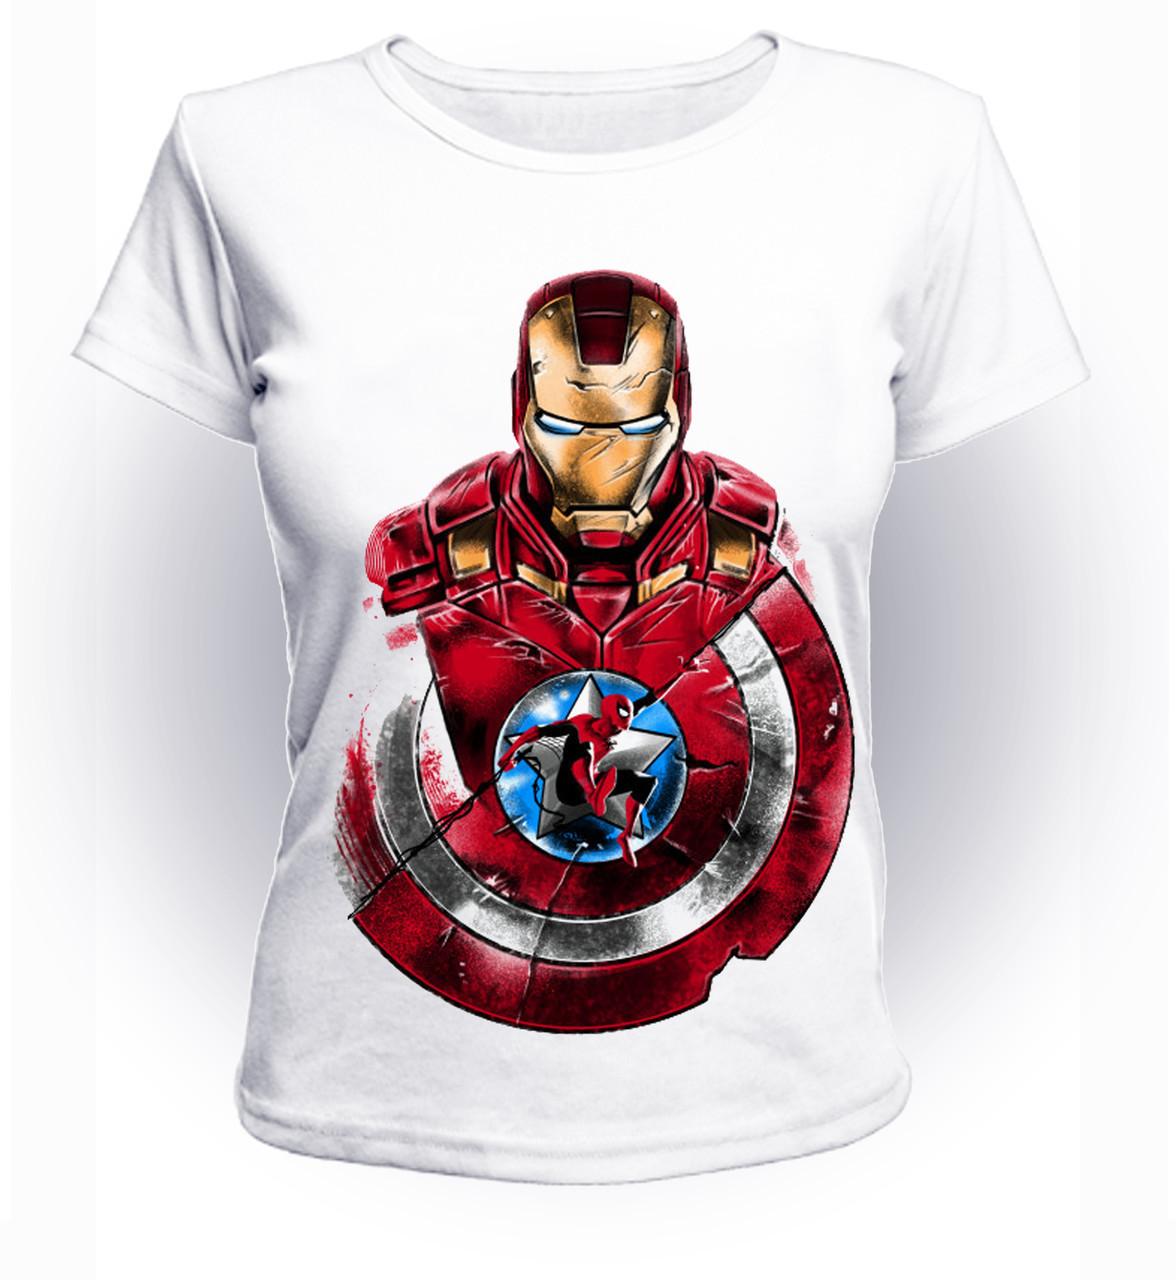 картинки футболка железный человека потренироваться, правильно называются